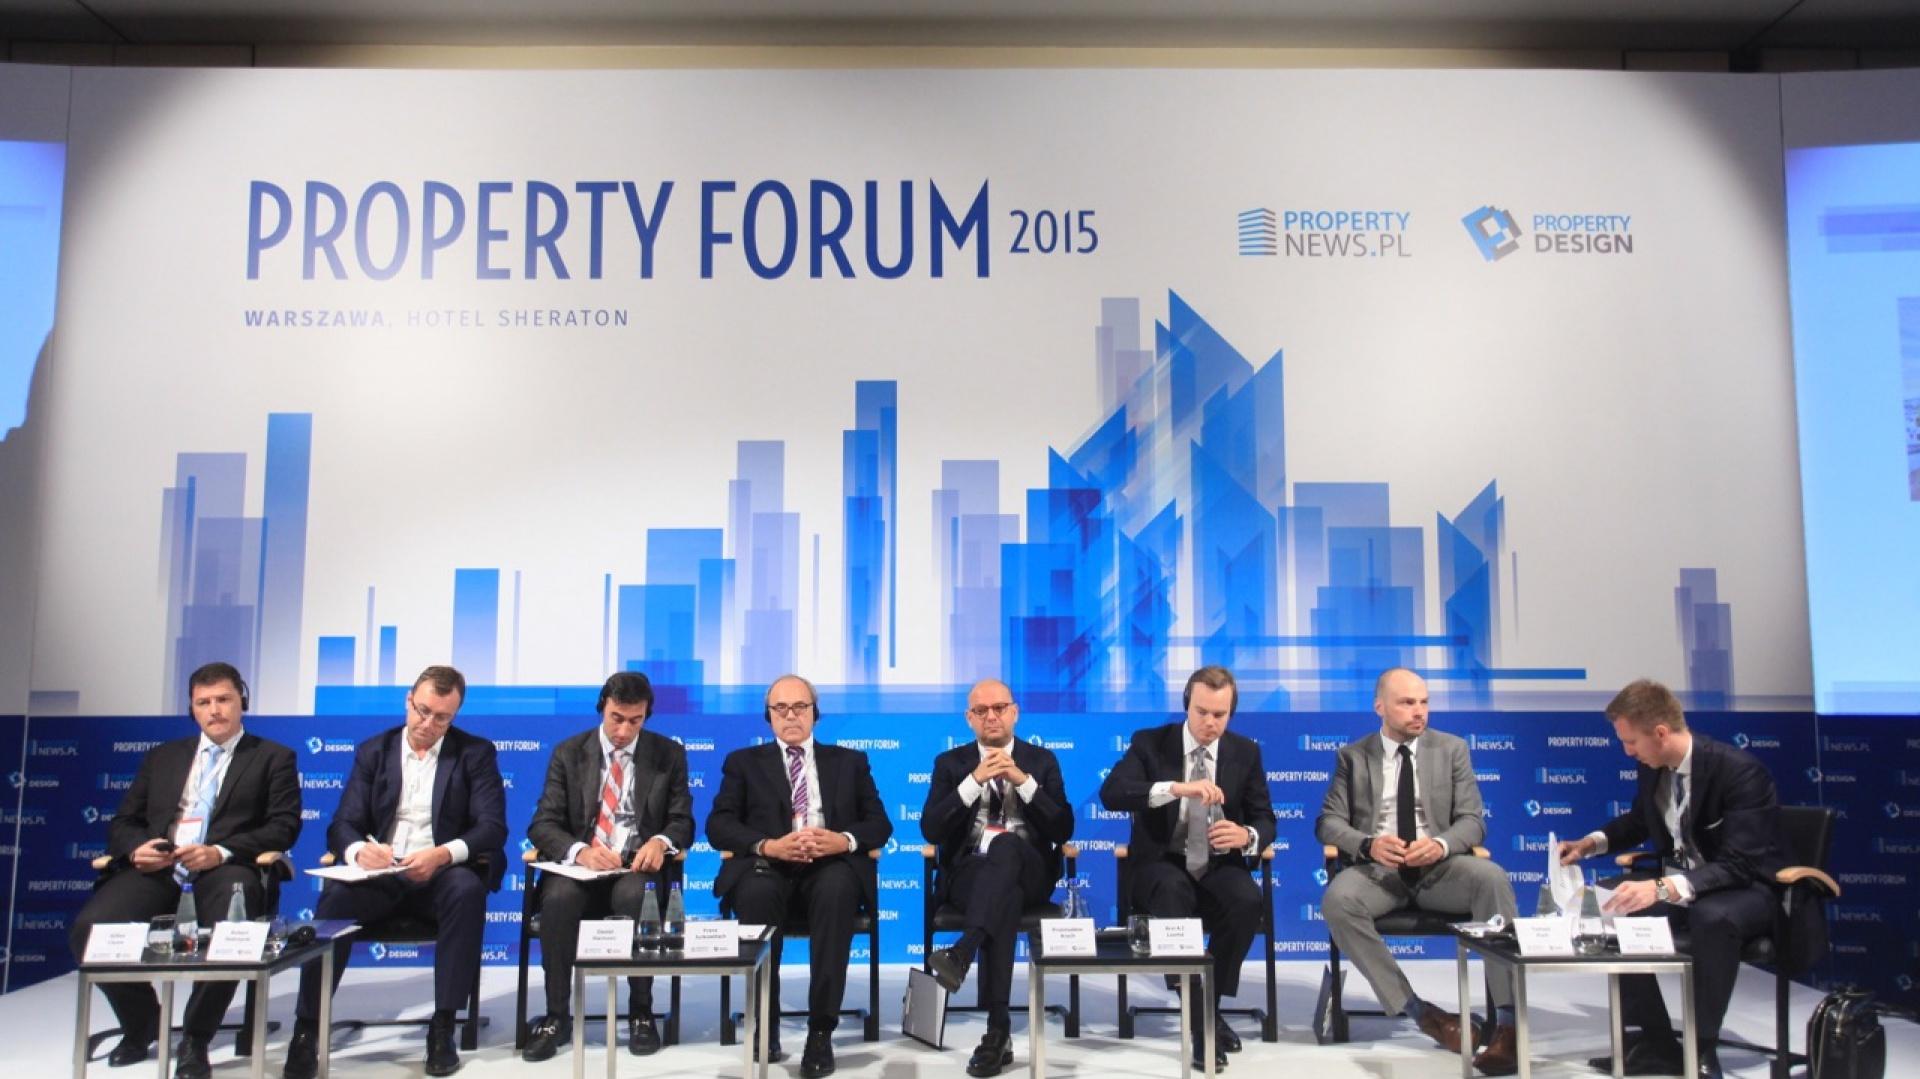 W obliczu ostatnich wydarzeń w Chinach i sytuacji na światowych  giełdach jedyną pewną alternatywą dla inwestorów pozostają  nieruchomości – uważają uczestnicy sesji inauguracyjnej piątej  edycji Property Forum. Fot. PWPT